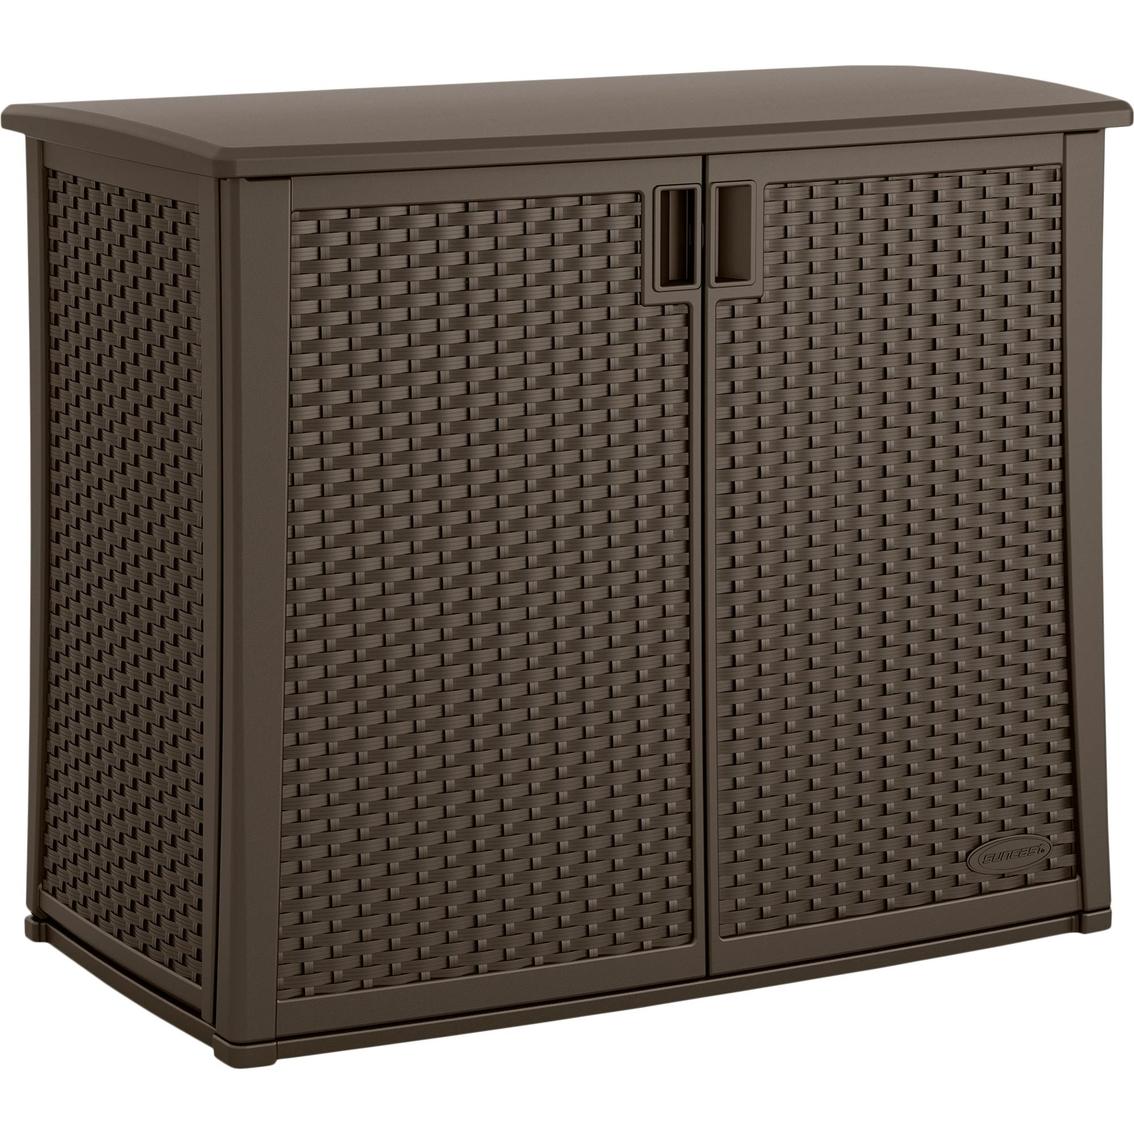 Suncast Resin Outdoor Patio Cabinet